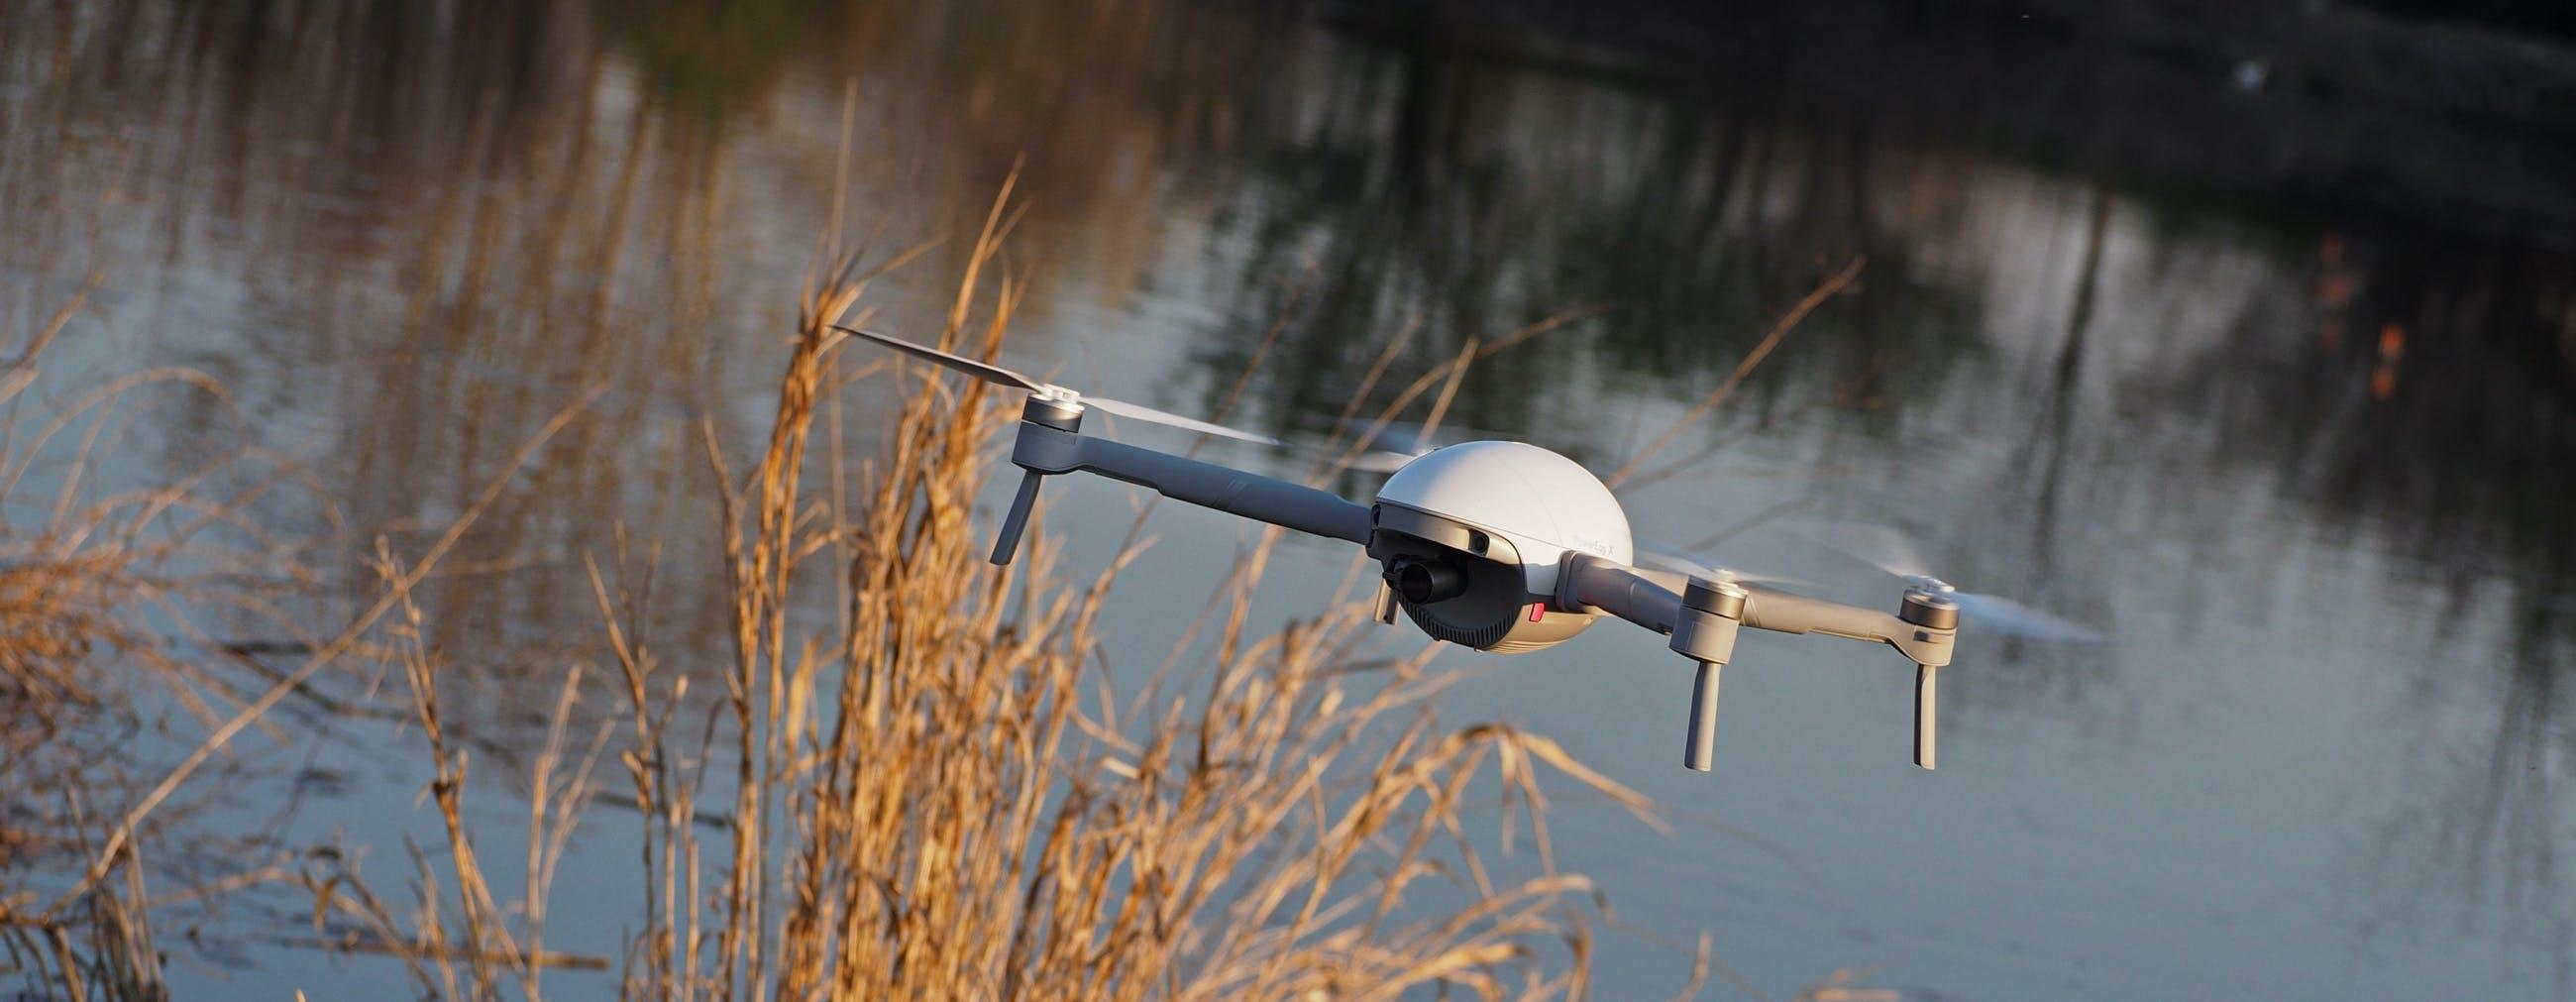 PowerEgg X in prova: il drone trasformabile che atterra sull'acqua